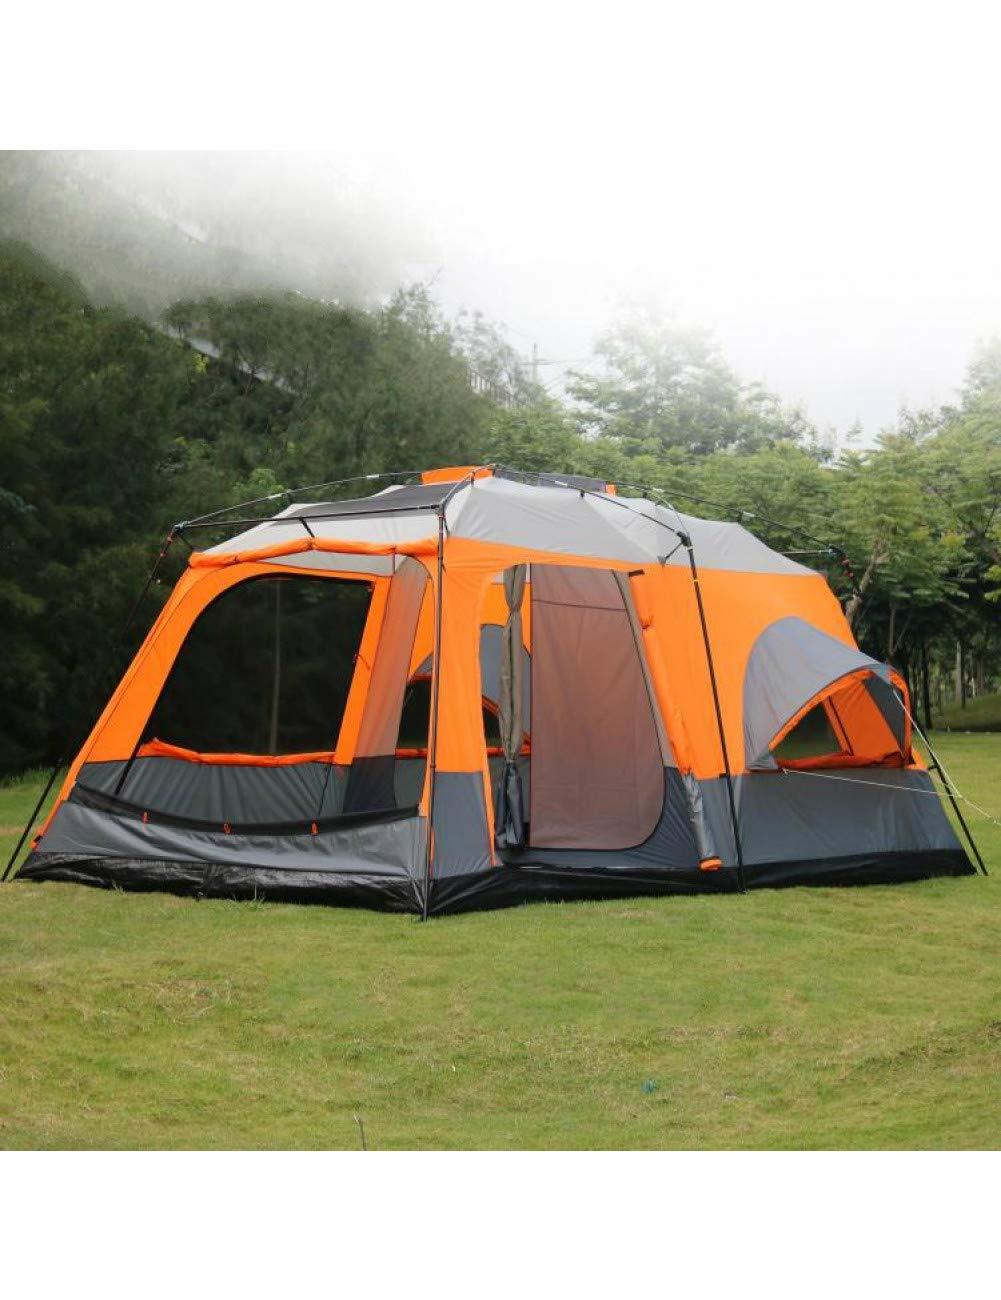 MDZH Tente Tentes Ultralarge Haute Qualité 1 Hall 2 Chambres à Coucher 6 8 10 12 Tente De Camping en Plein Air 215Cm Hauteur étanche Fête Tente Familiale  -